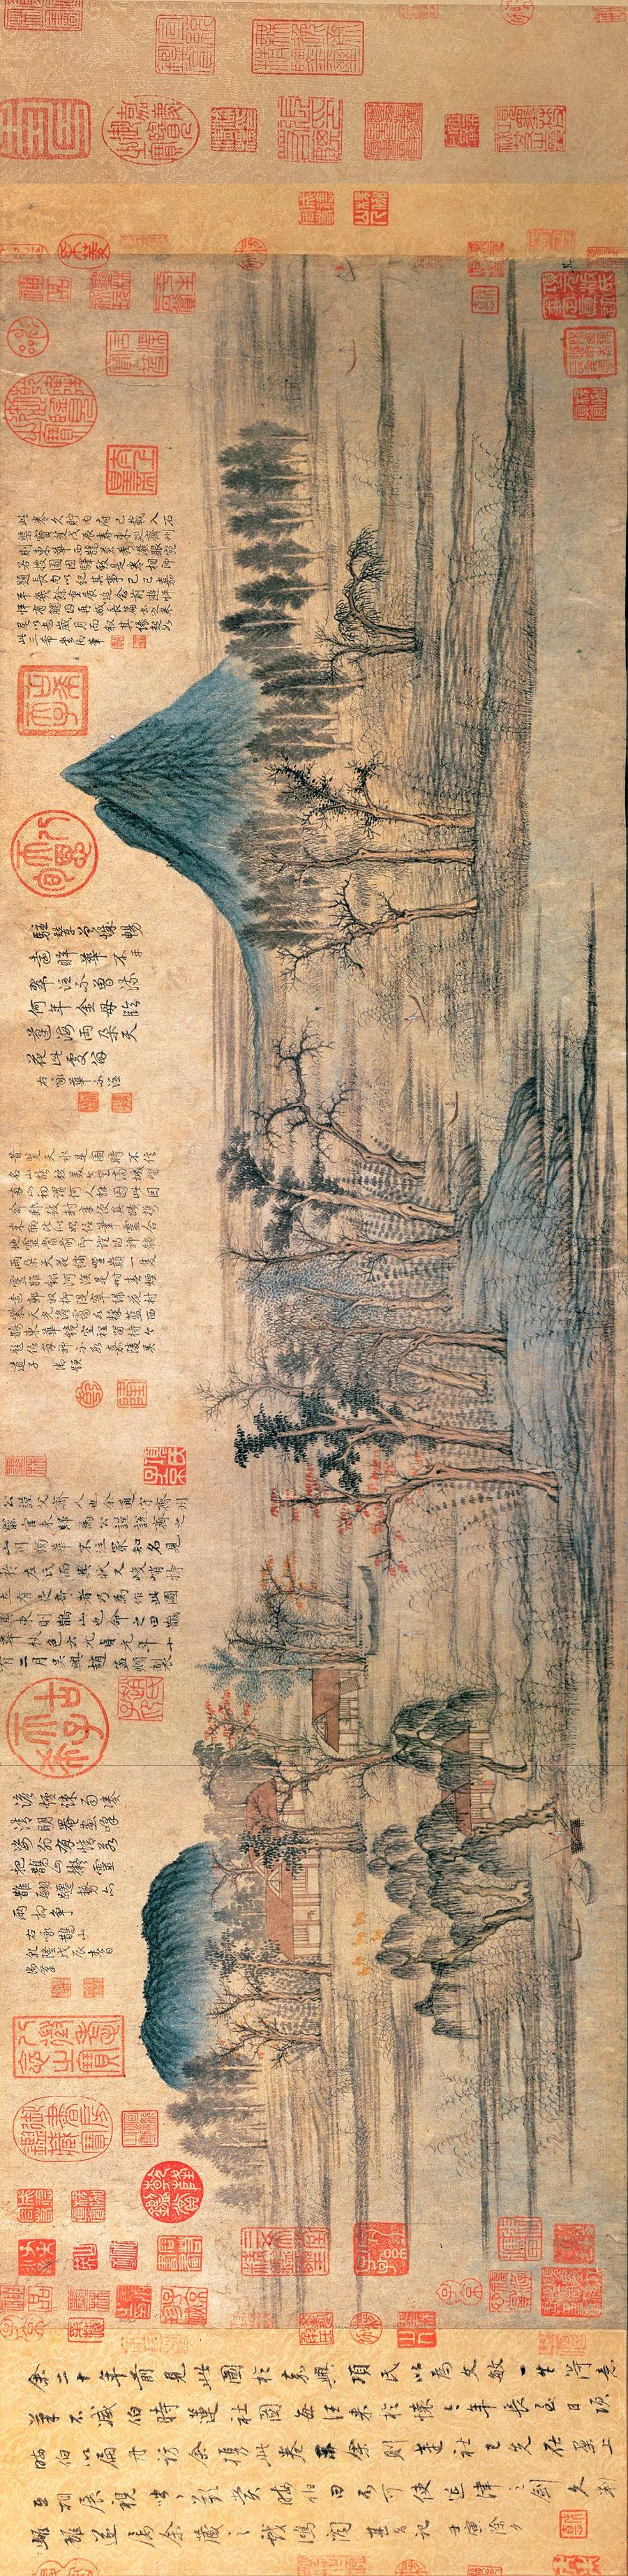 元 趙孟頫 《鵲華秋色圖》